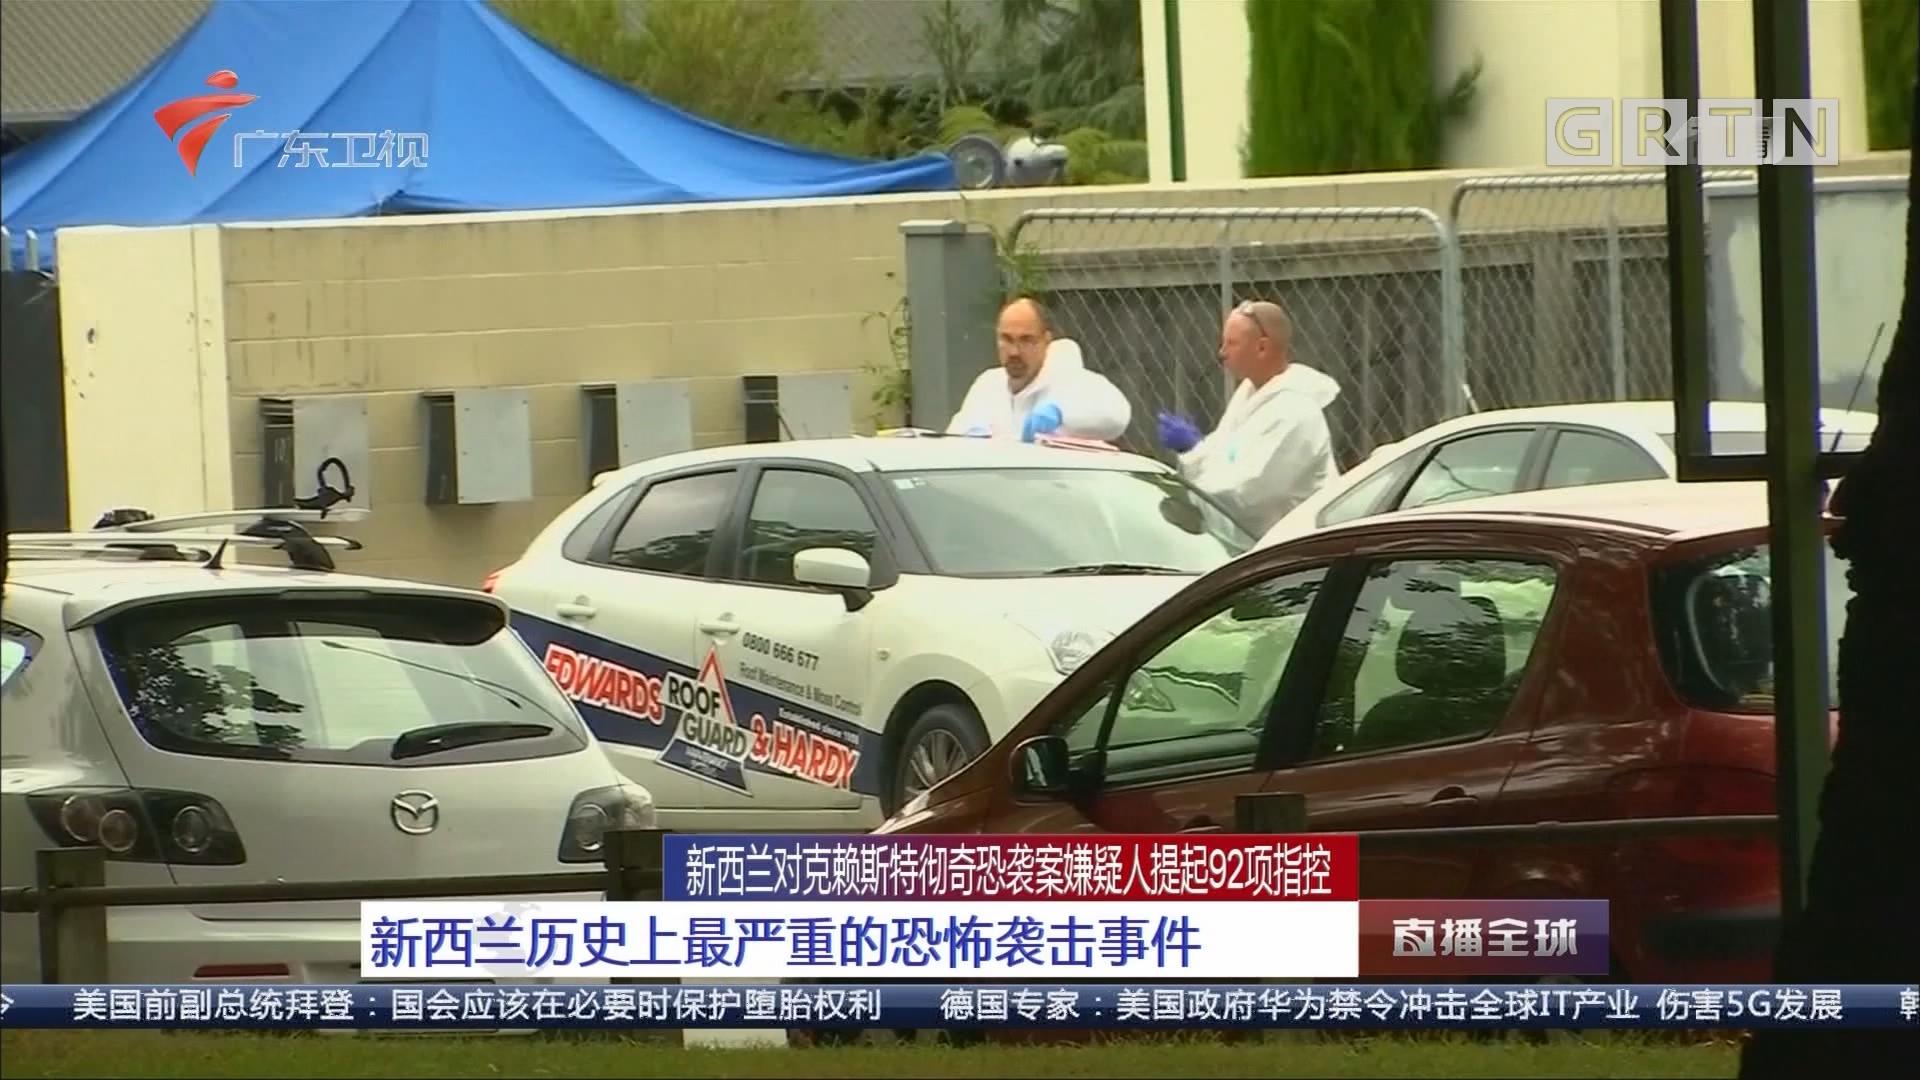 新西兰对克赖斯特彻奇恐袭案嫌疑人提起92项指控 新西兰历史上最严重的恐怖袭击事件